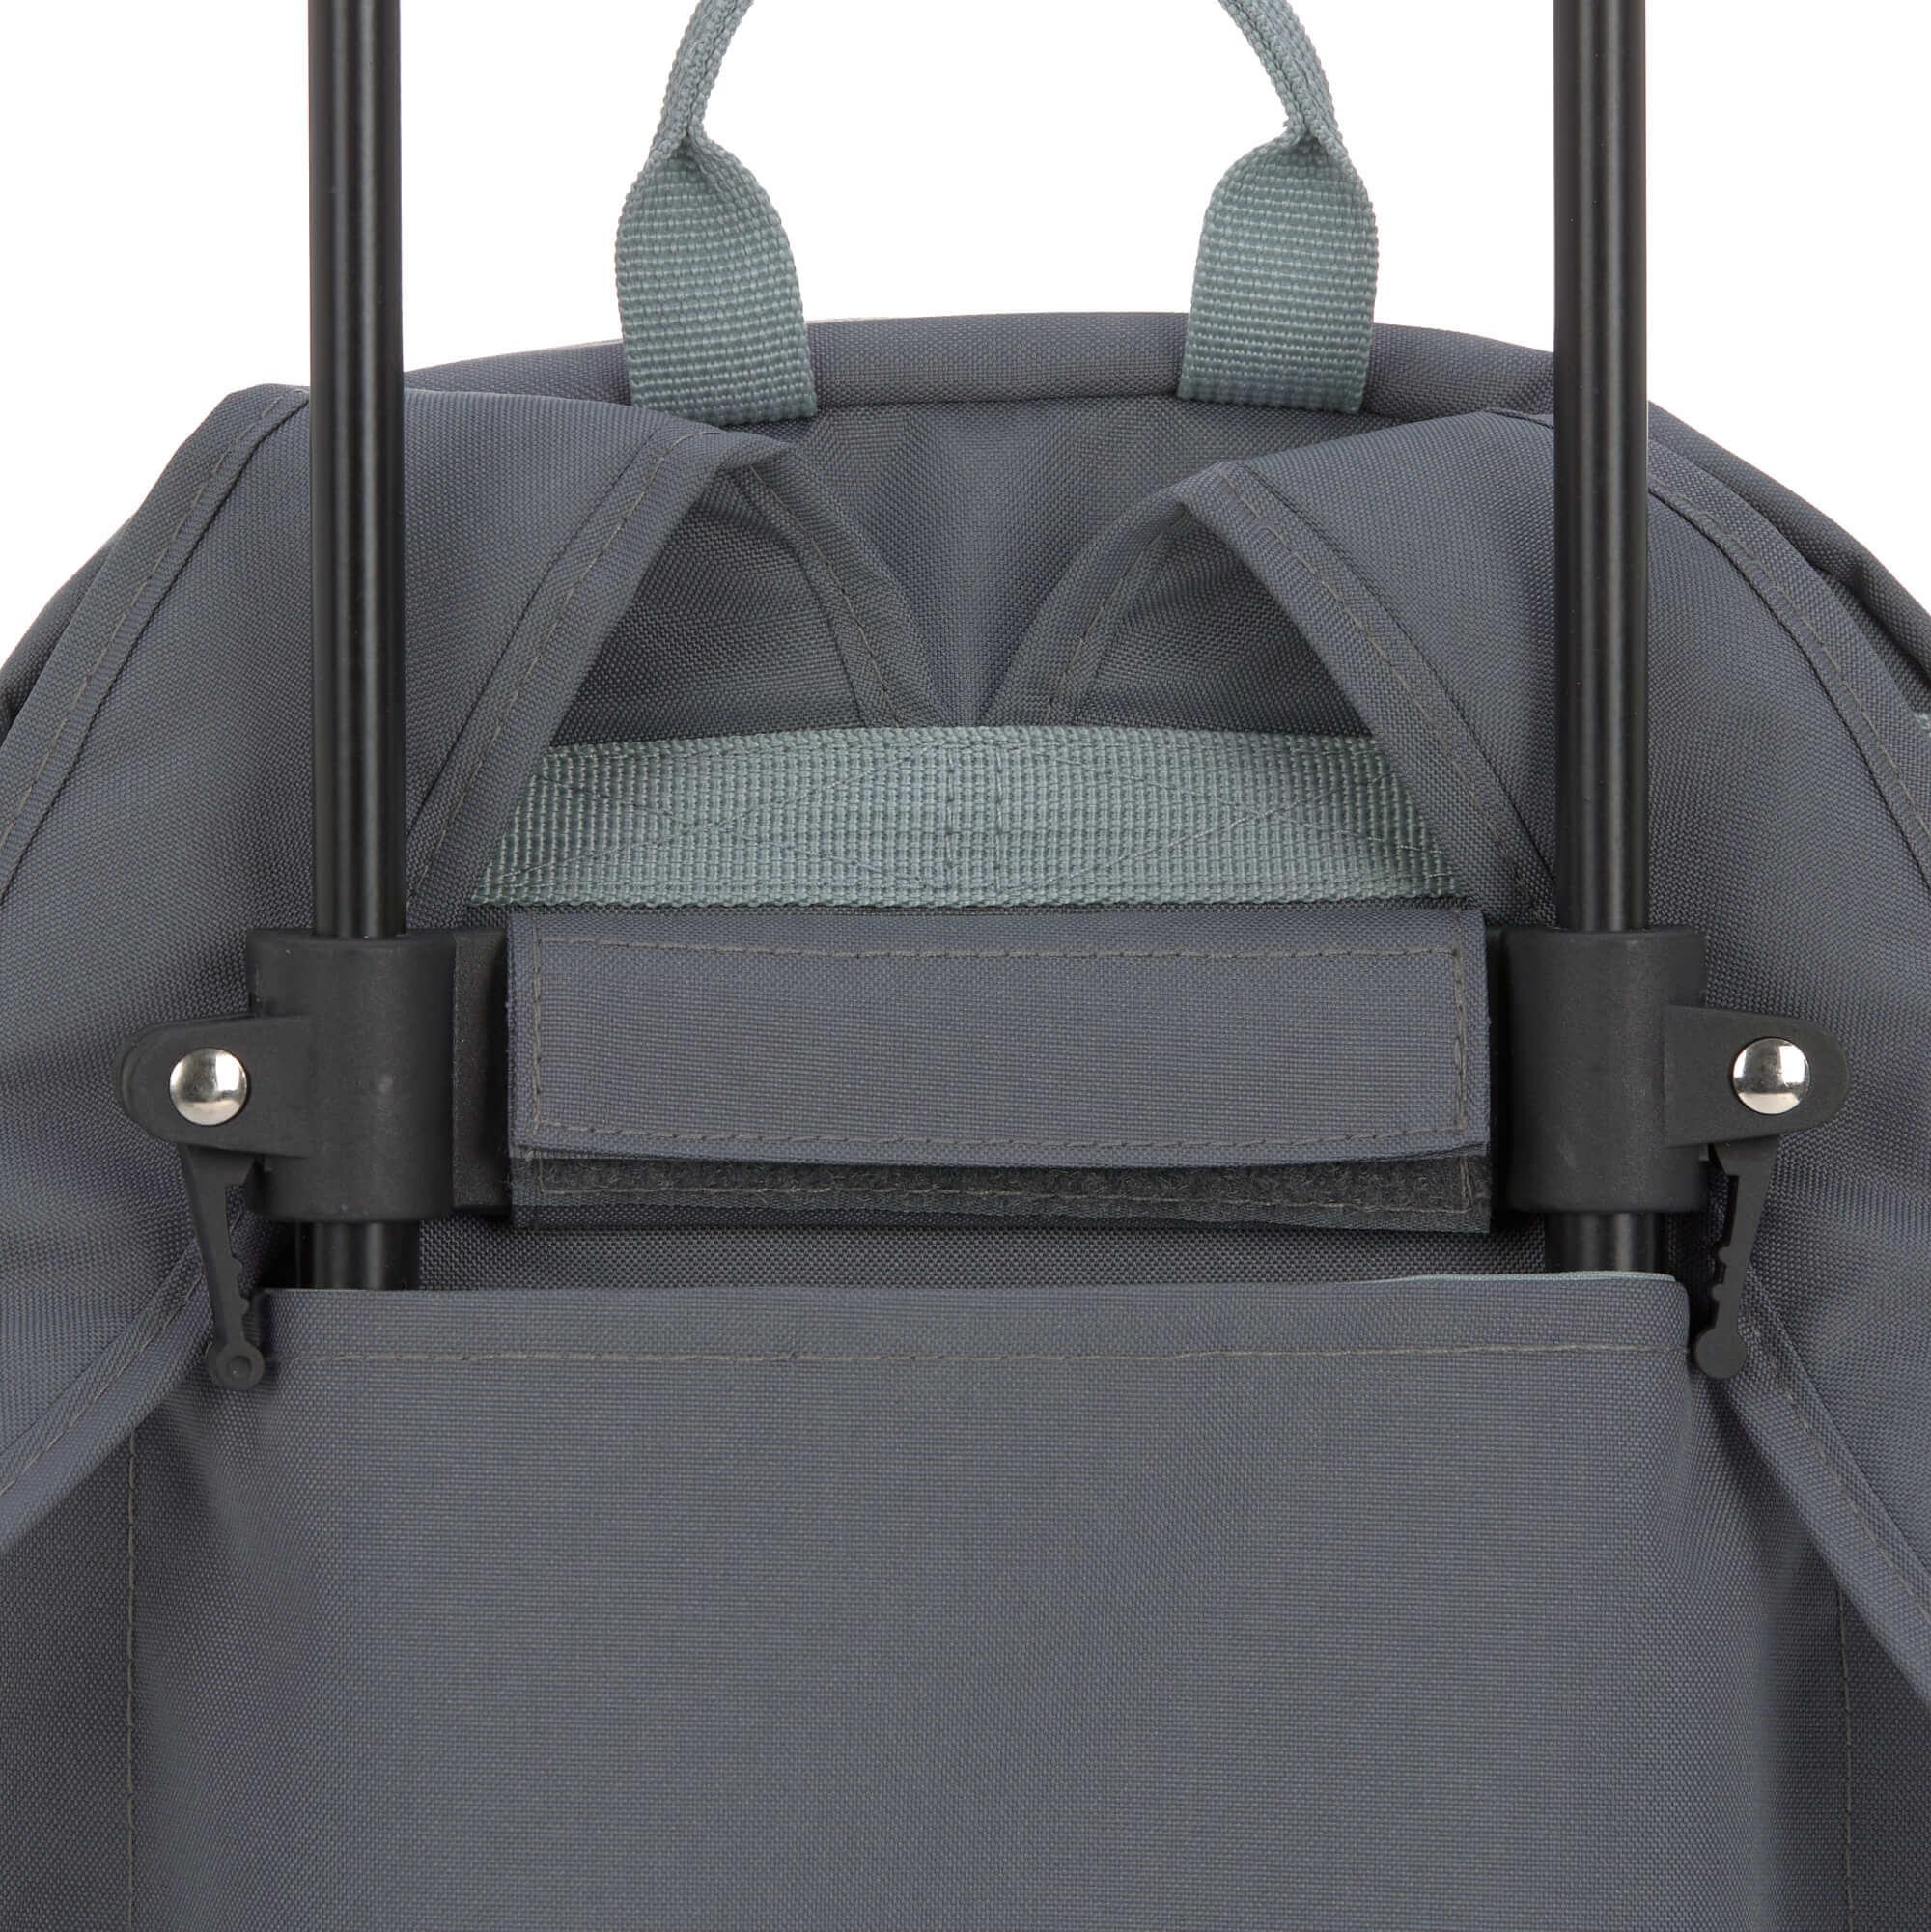 Lässig Lässig Tiny Backpack Trolley Über Freunde Waschbär